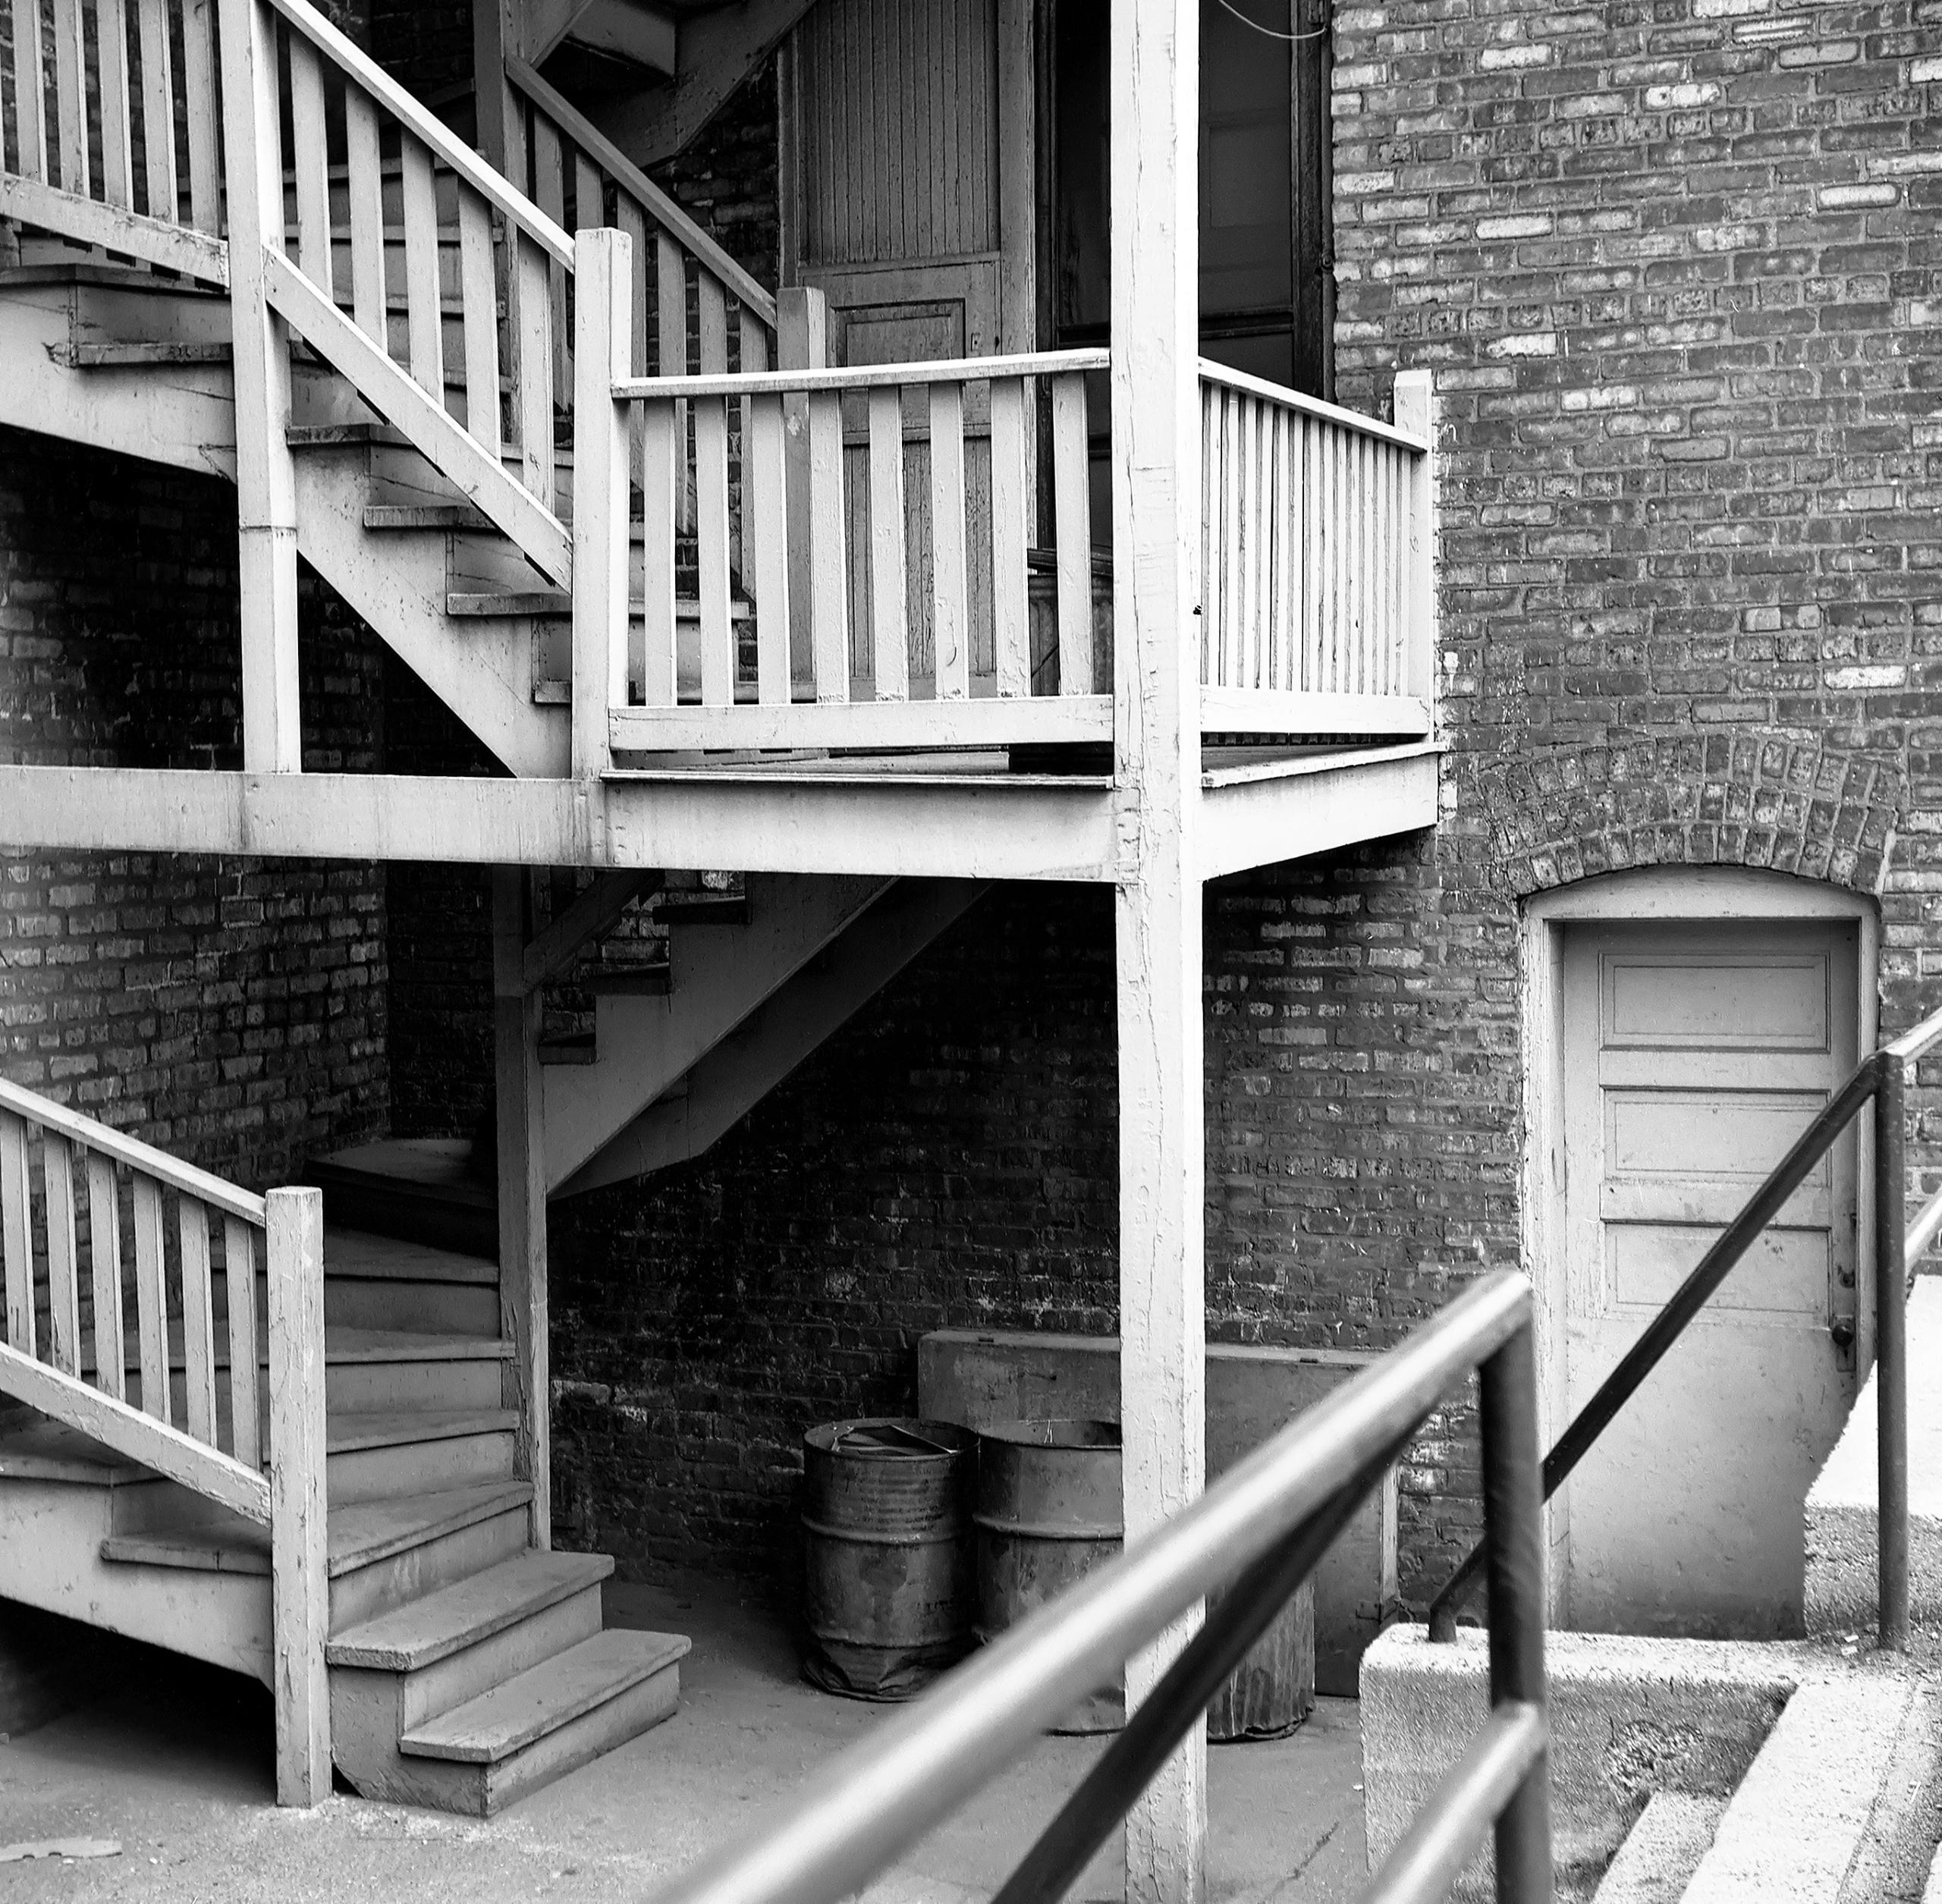 stairs - capnvideo | ello